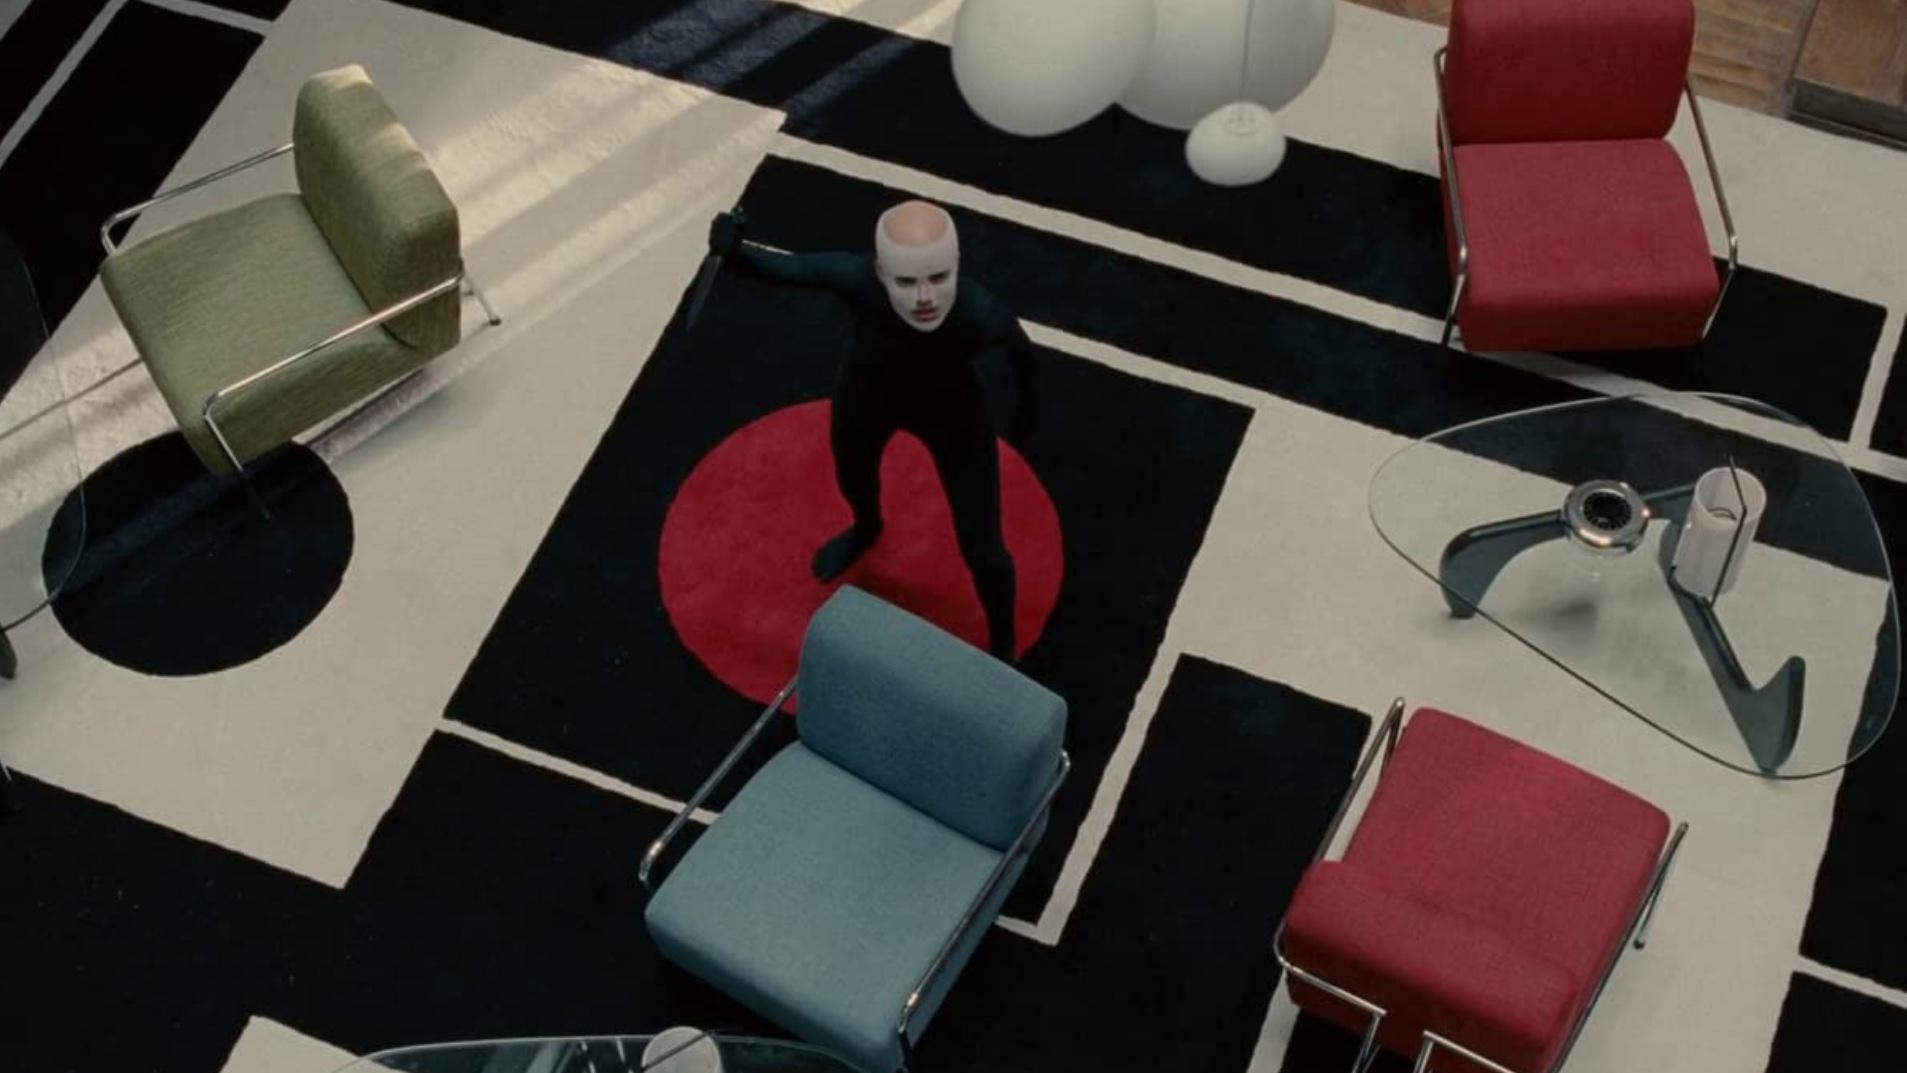 Cena do filme A Pele que Habito mostra uma mulher branca, careca, usando uma máscara branca de recuperação após fazer uma cirurgia plástica e um casaco preto ao centro de uma sala, com móveis modernistas.